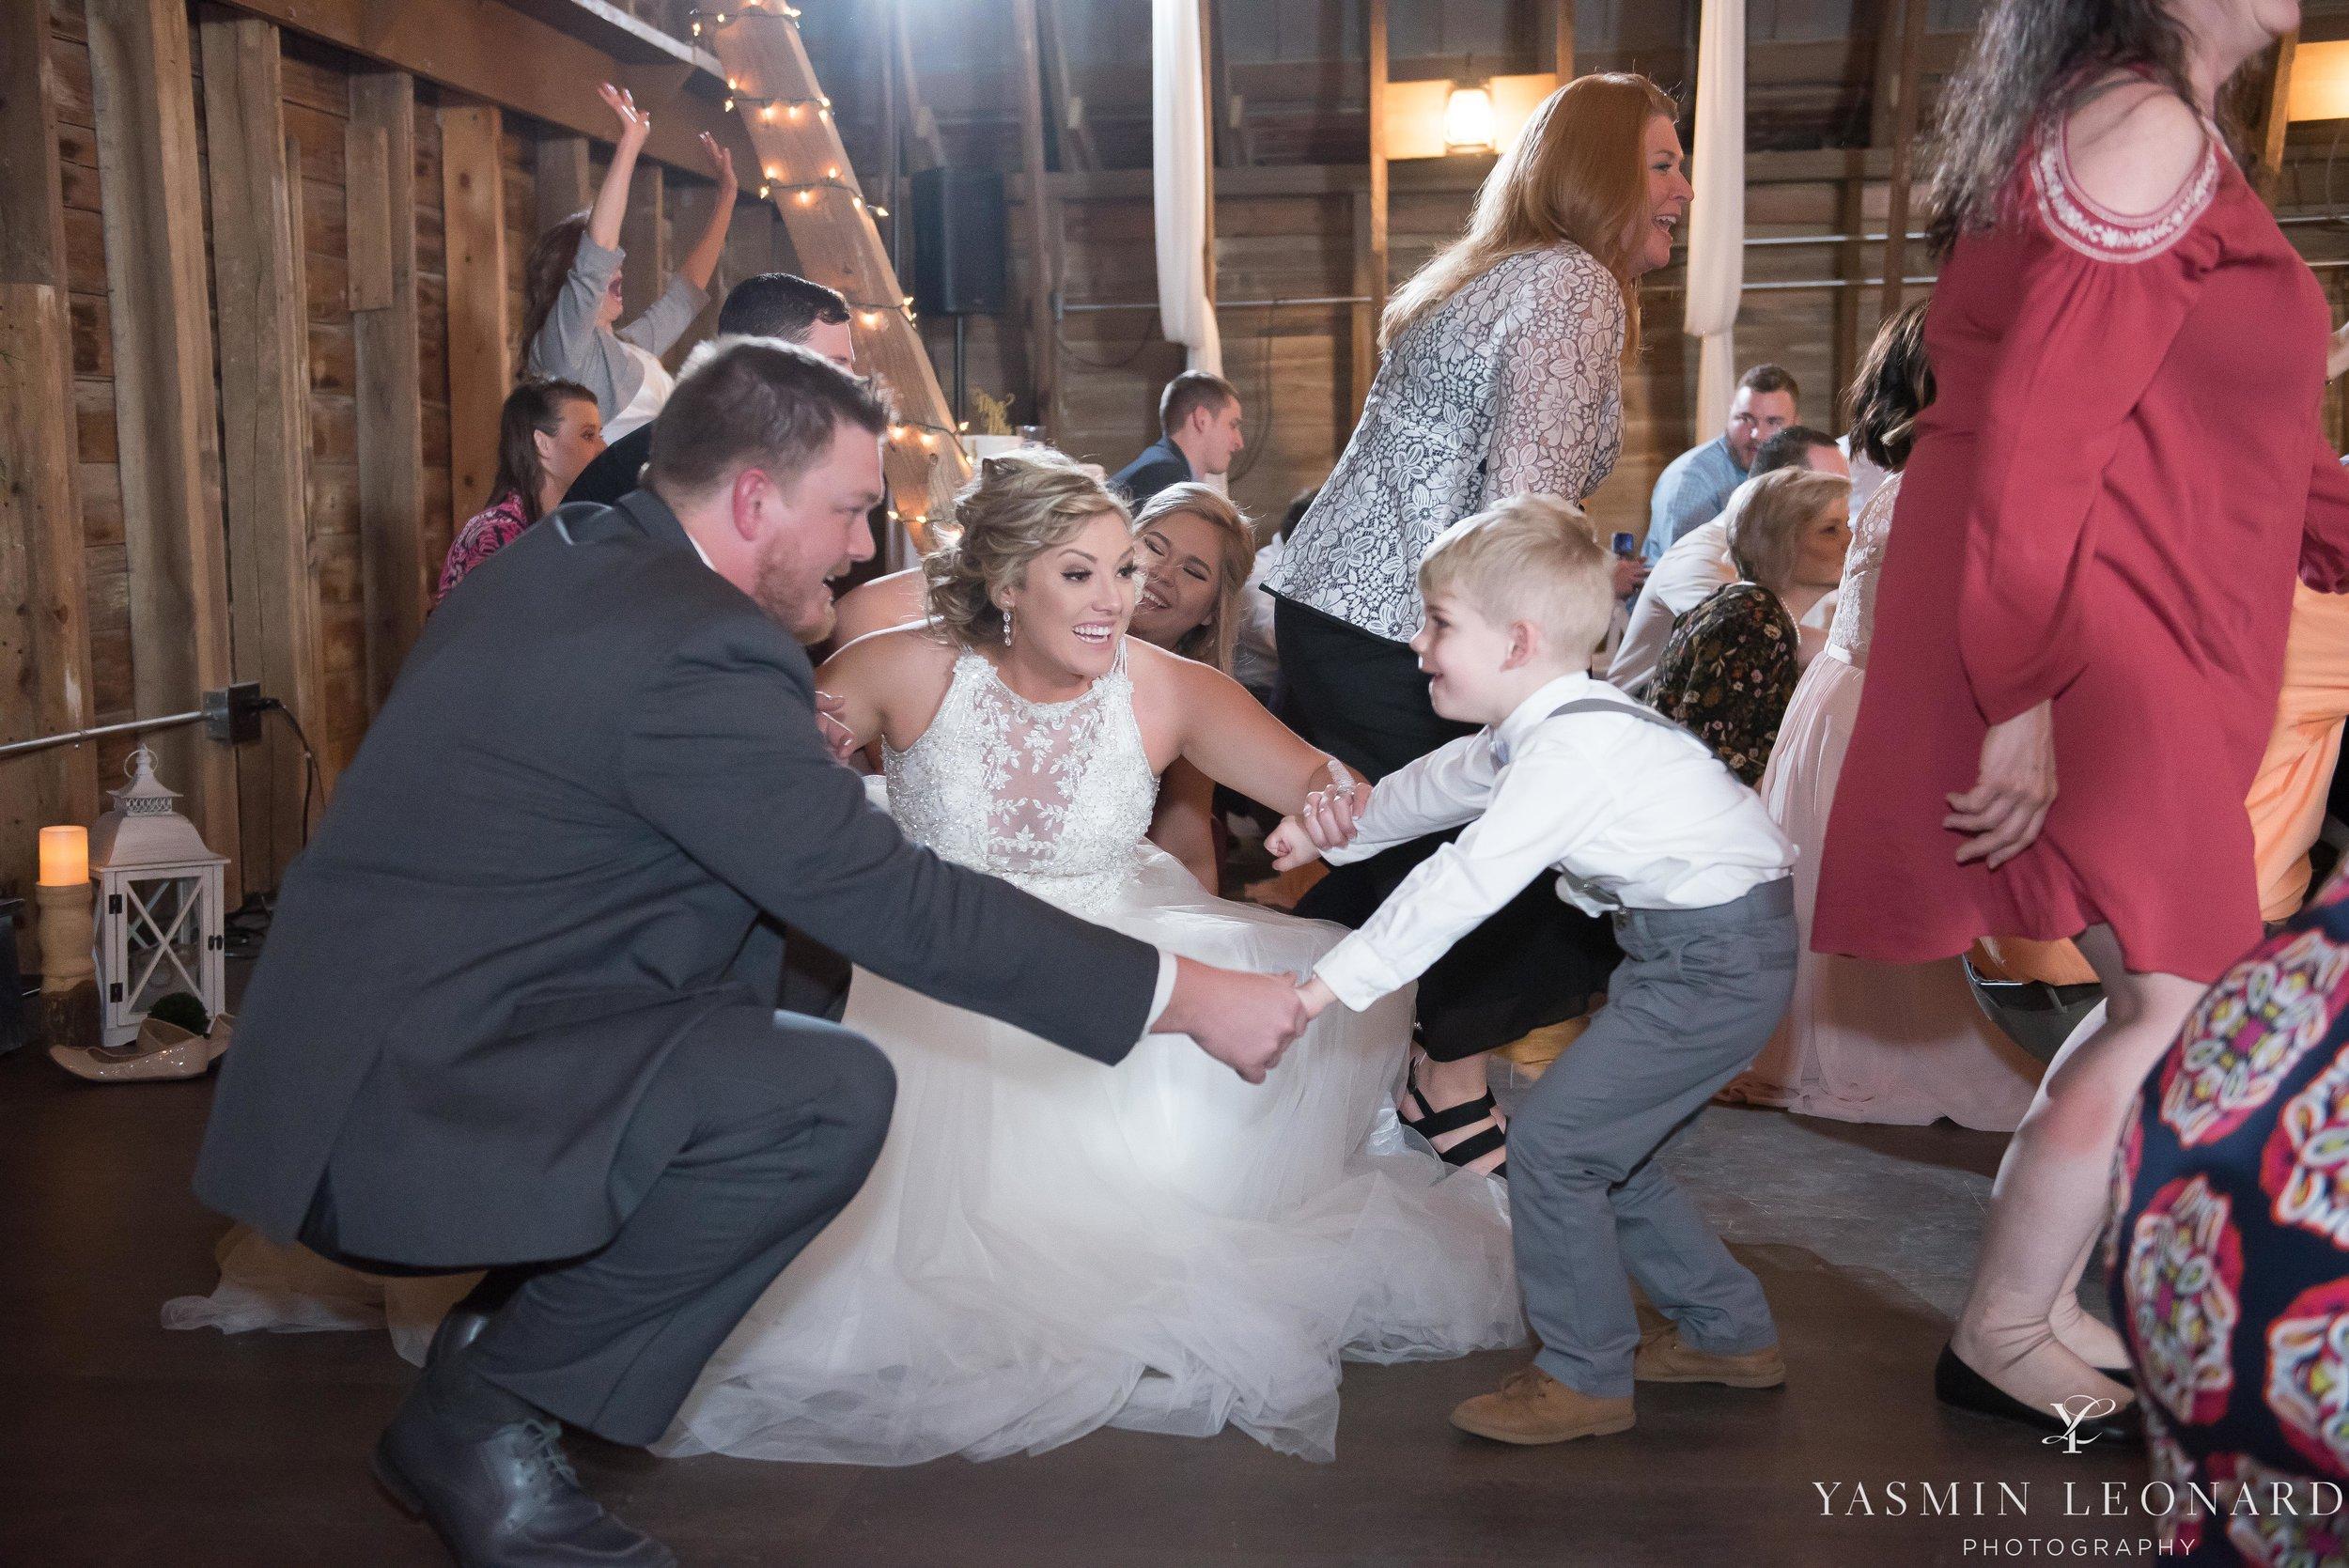 Millikan Farms - Millikan Farms Wedding - Sophia NC Wedding - NC Wedding - NC Wedding Photographer - Yasmin Leonard Photography - High Point Photographer - Barn Wedding - Wedding Venues in NC - Triad Wedding Photographer-93.jpg